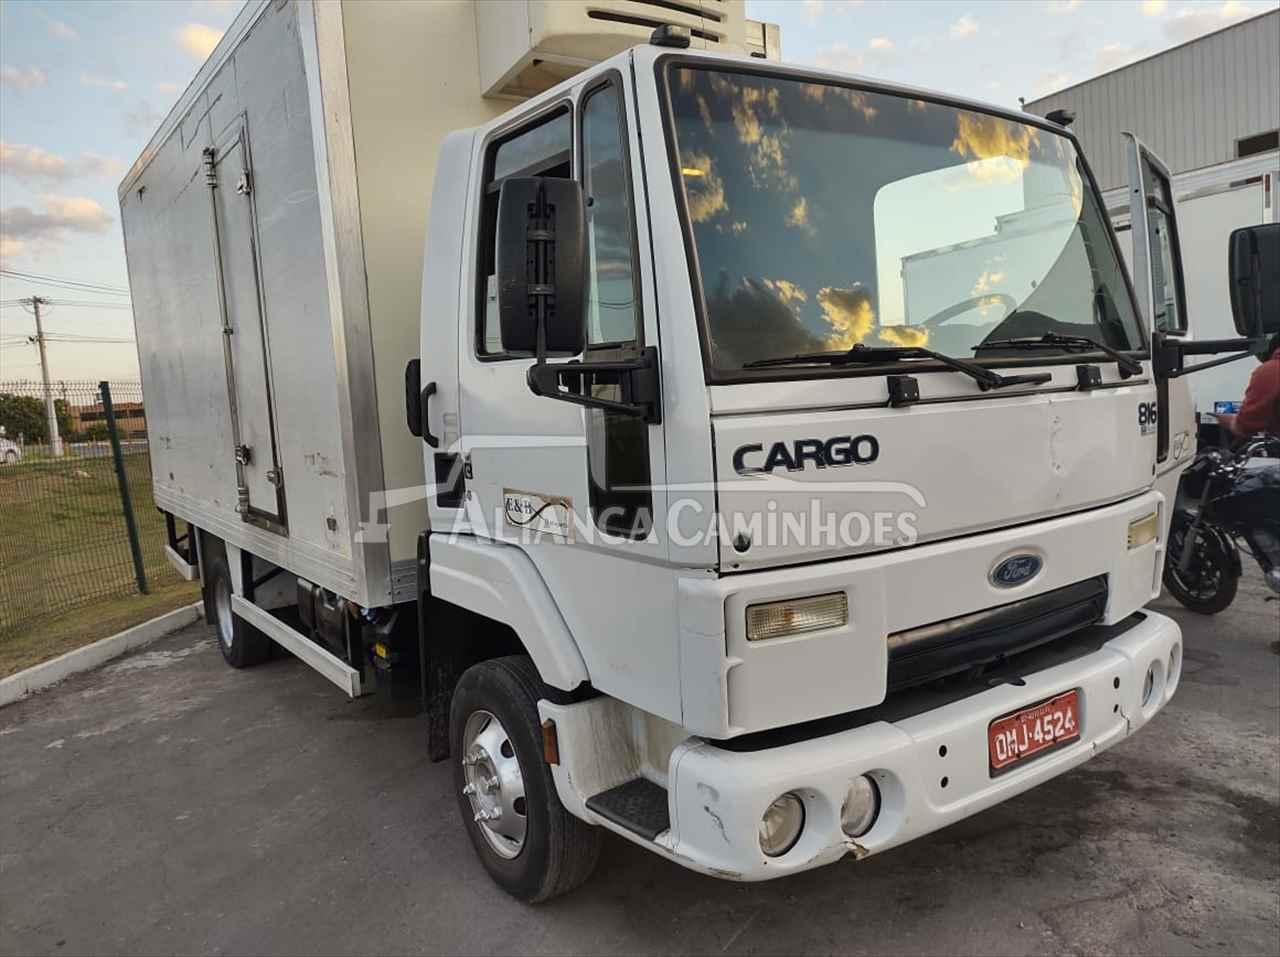 CARGO 816 de Aliança Caminhões - LUIS EDUARDO MAGALHAES/BA